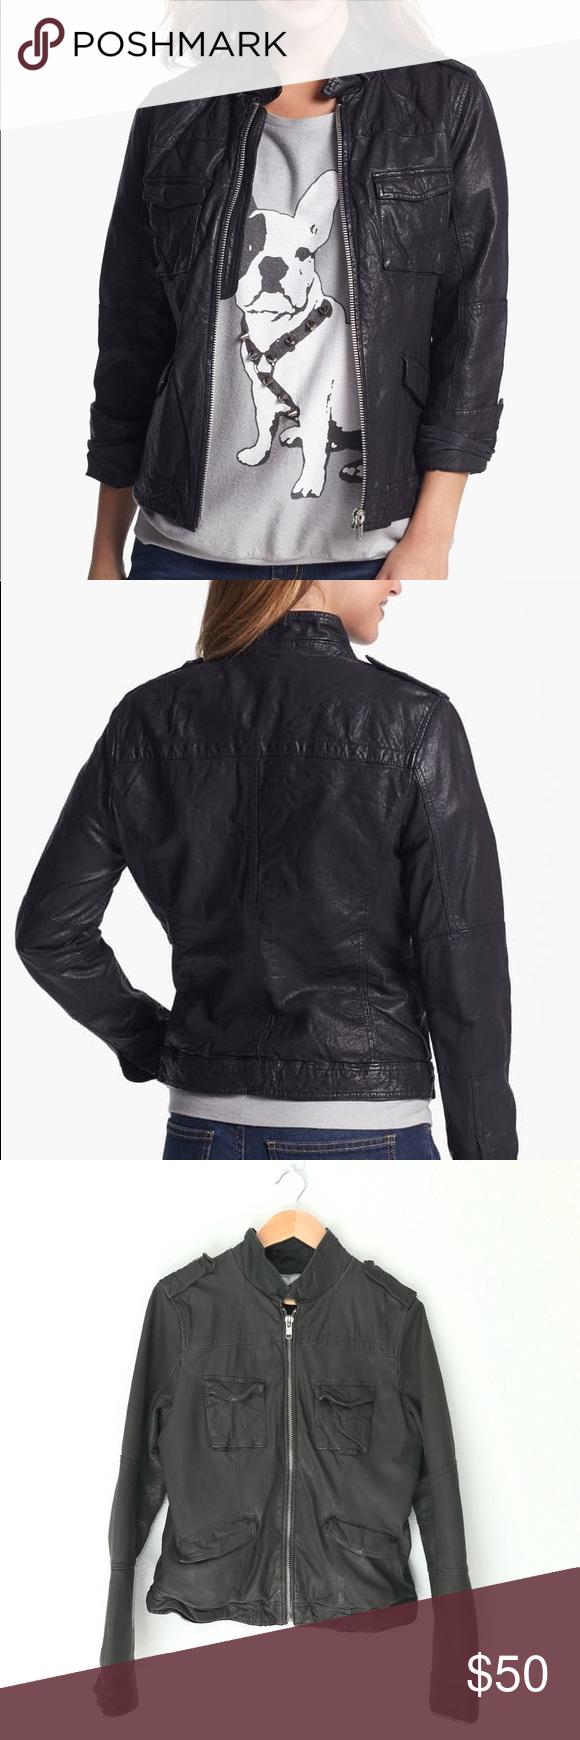 Nordstrom Q40 Crinkled Leather Jacket Leather jacket